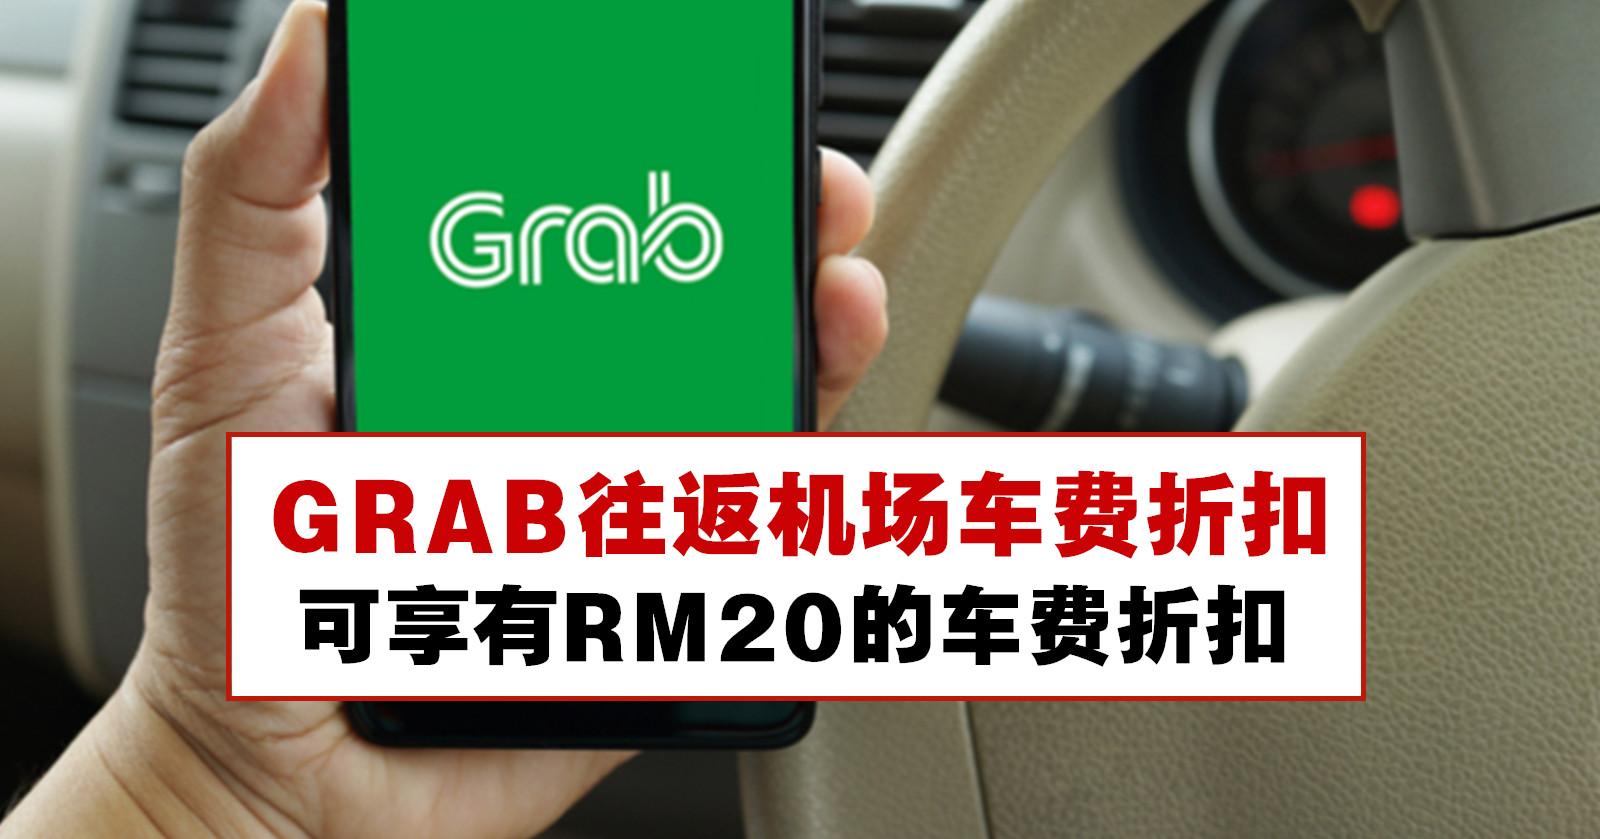 GRAB往返机场车费折扣,可享有RM20的车费折扣